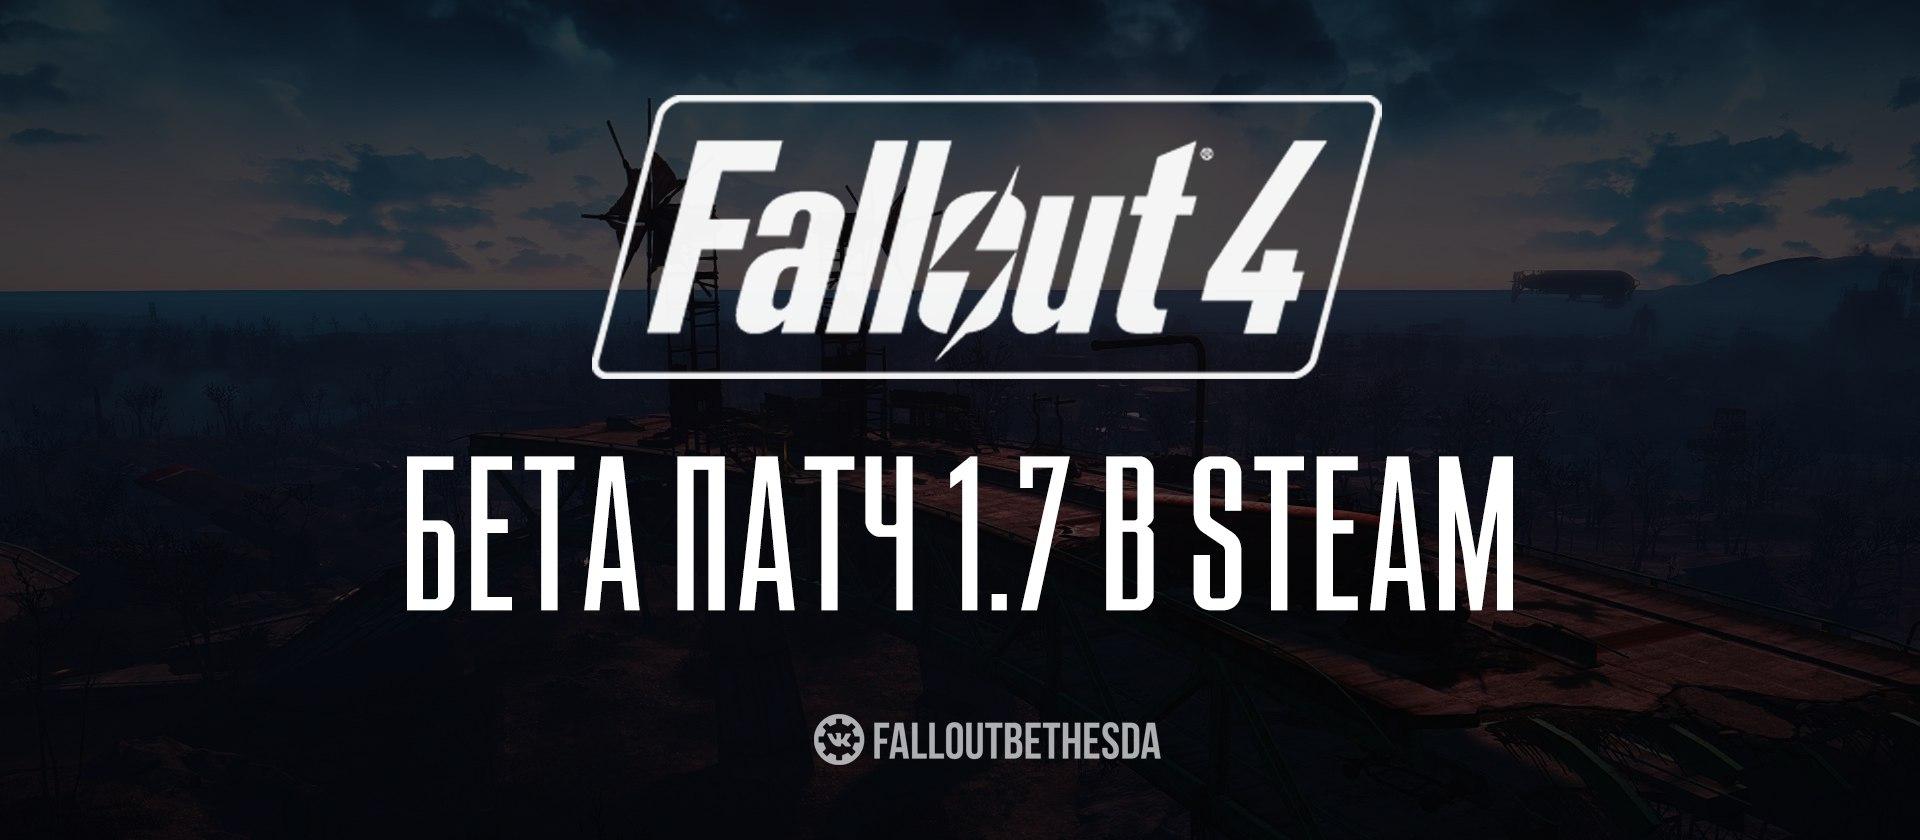 В Steam доступен патч 1.